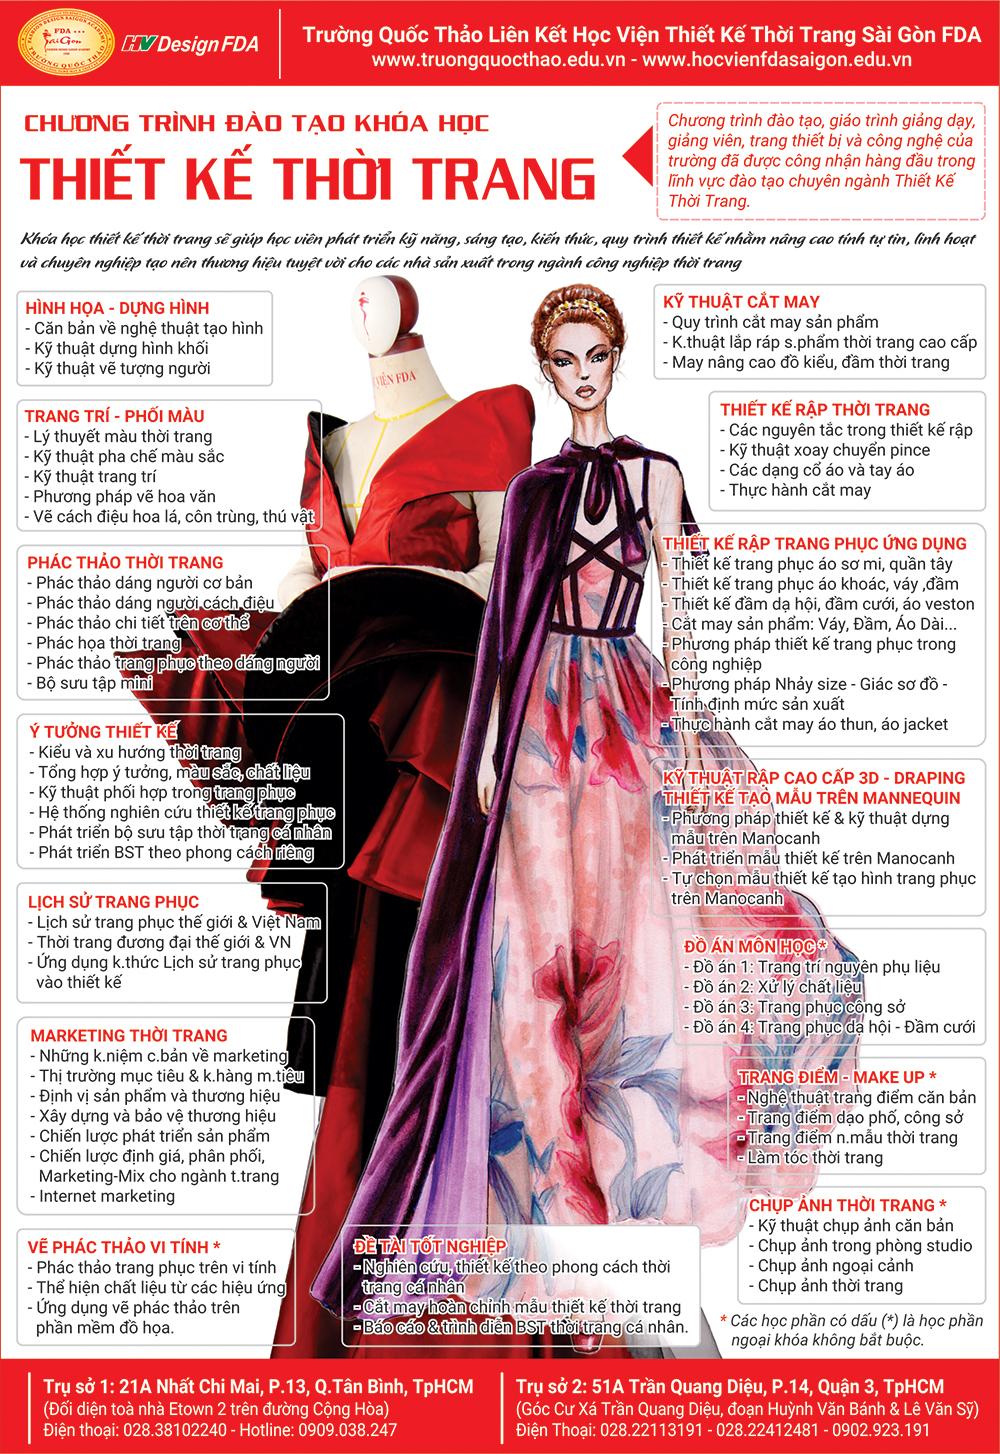 Ngành Thiết kế thời trang 2018